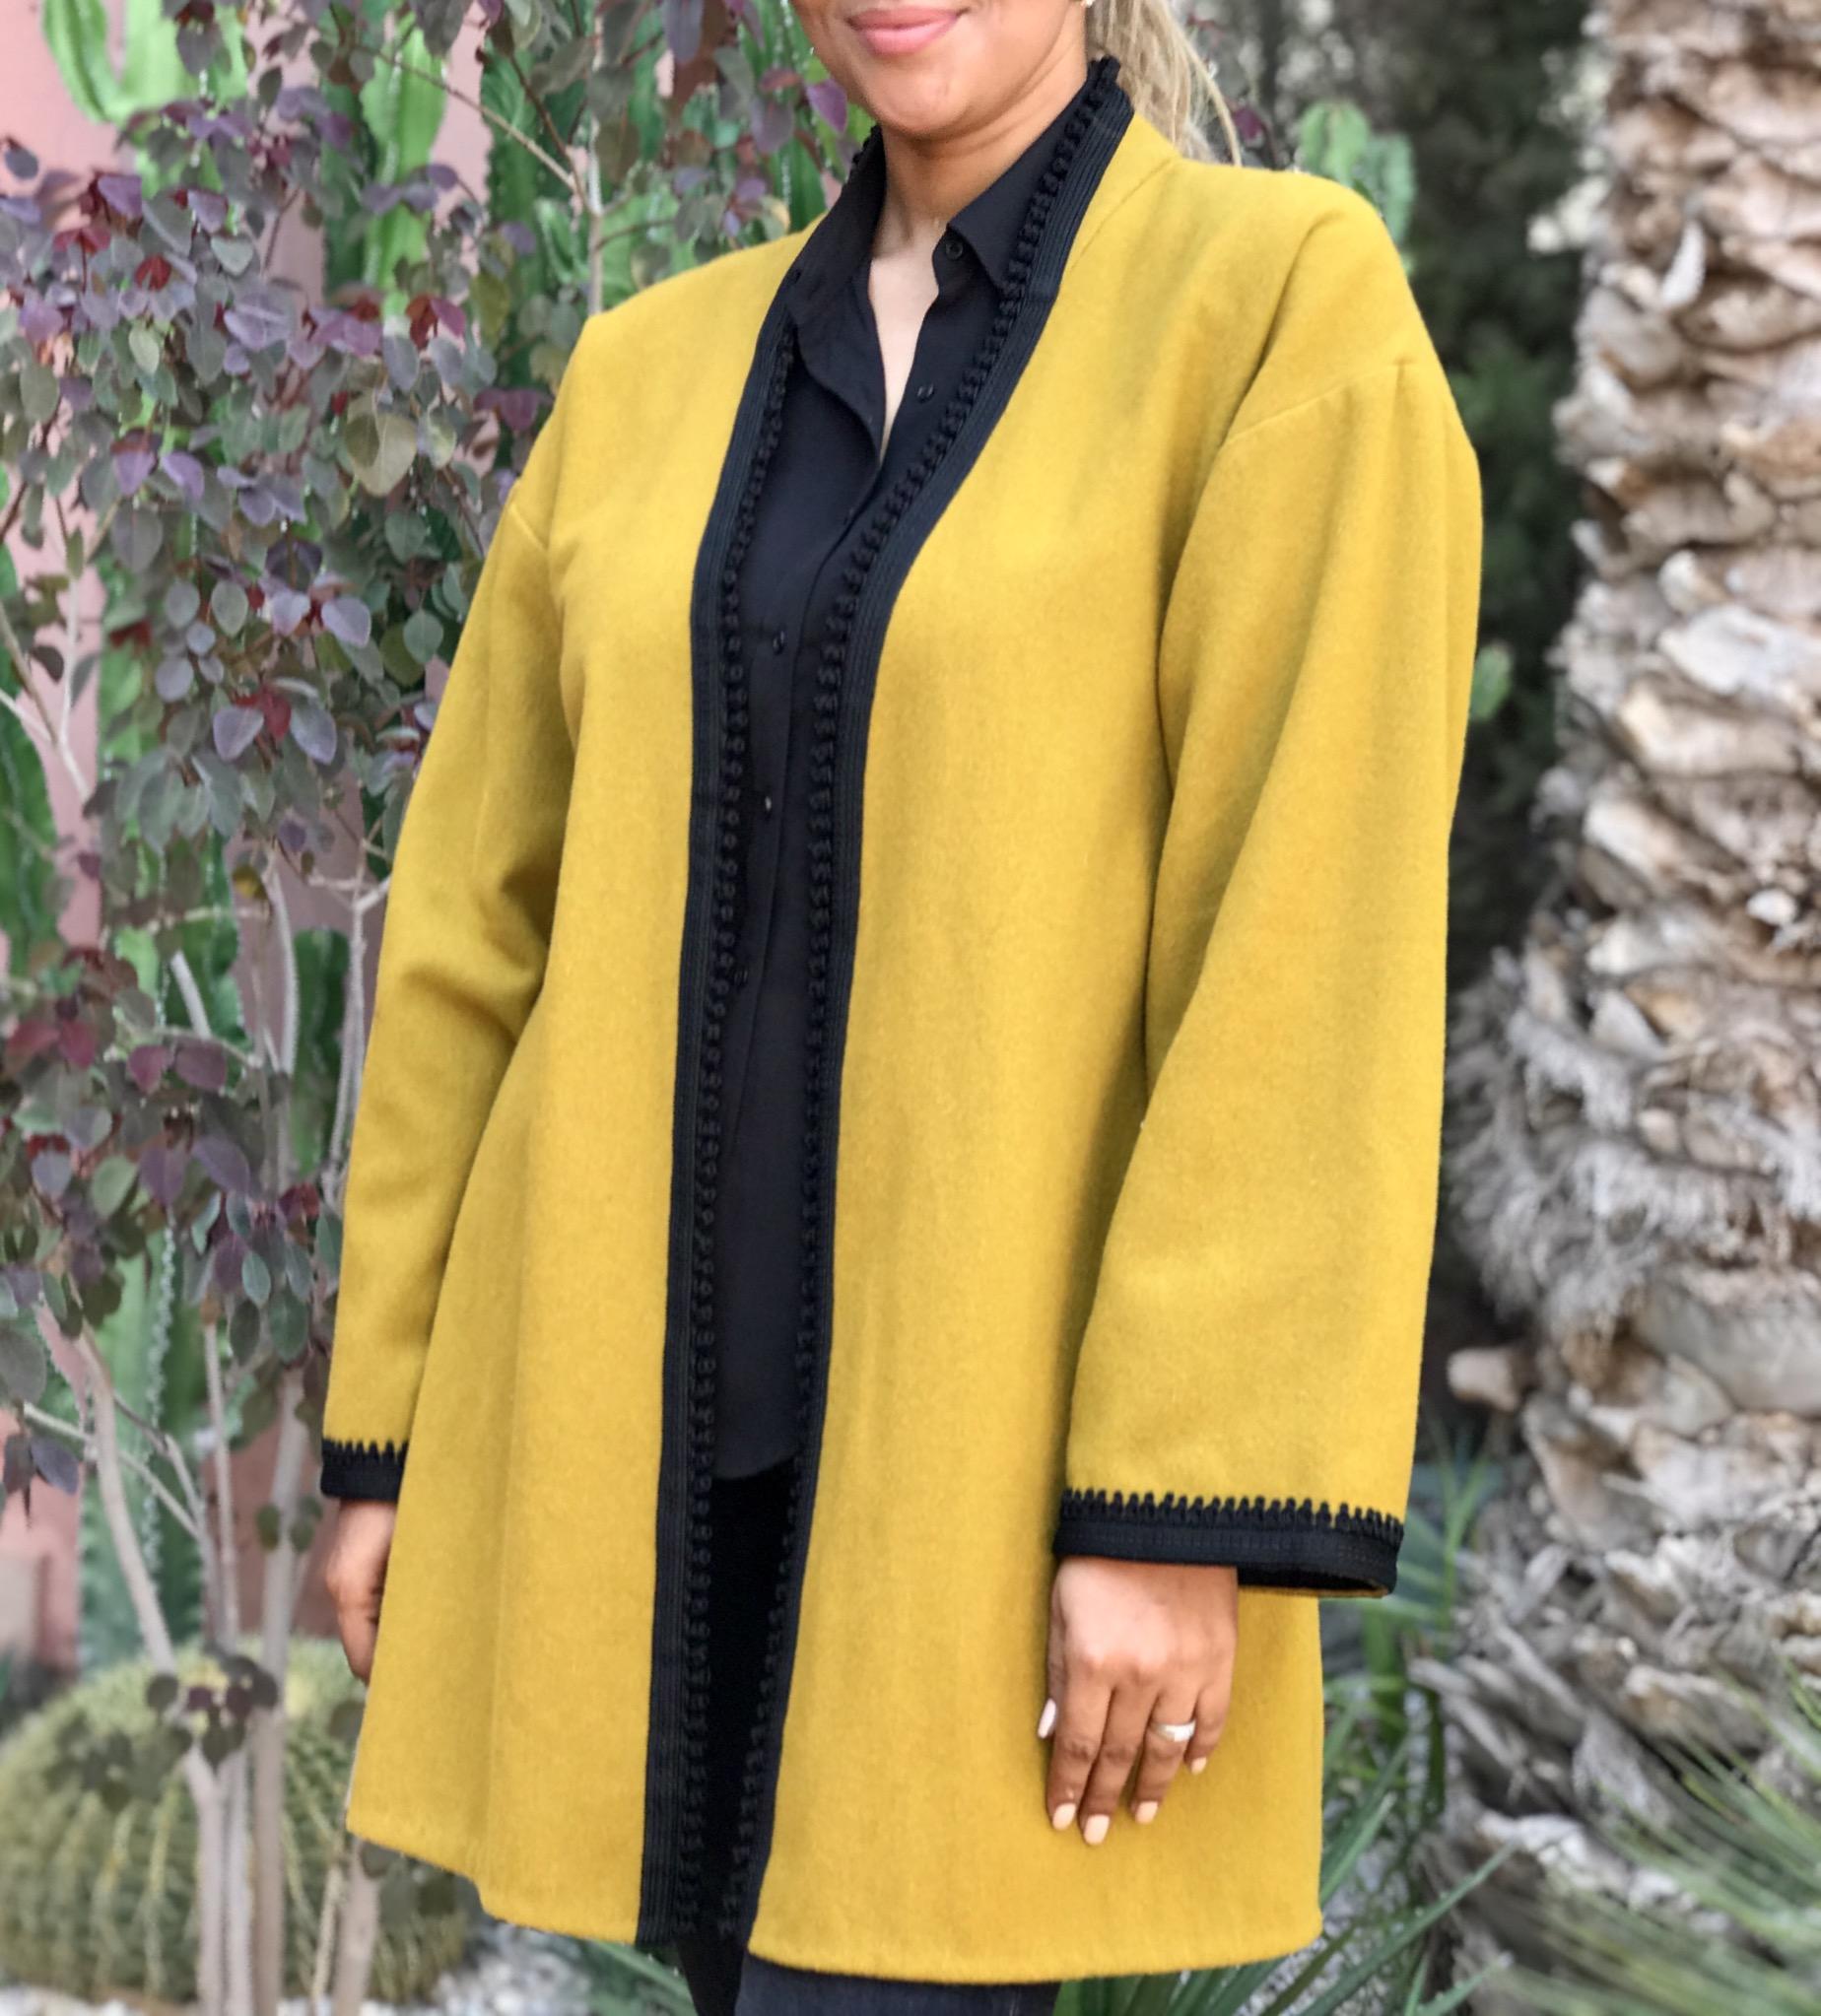 Jacket cashemire mustard with black Sfifa & Aqadi